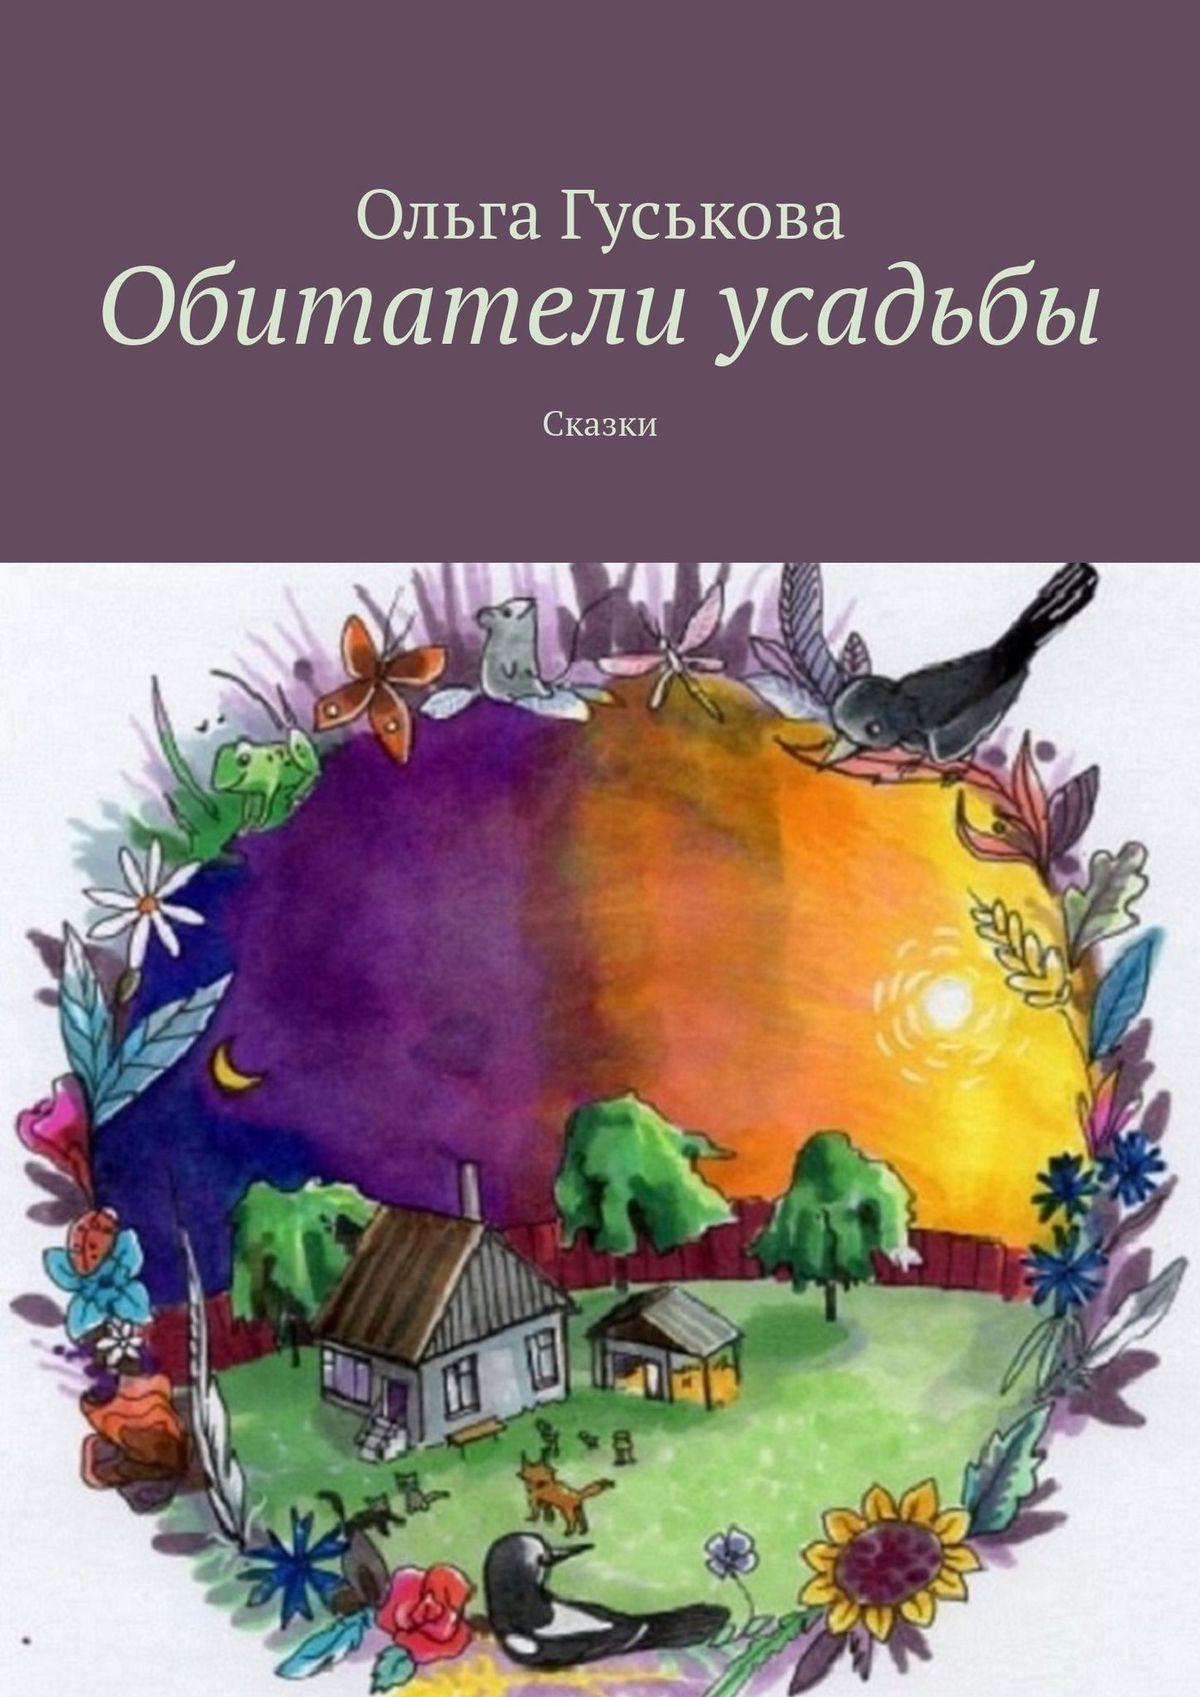 Ольга Гуськова Обитатели усадьбы. Сказки